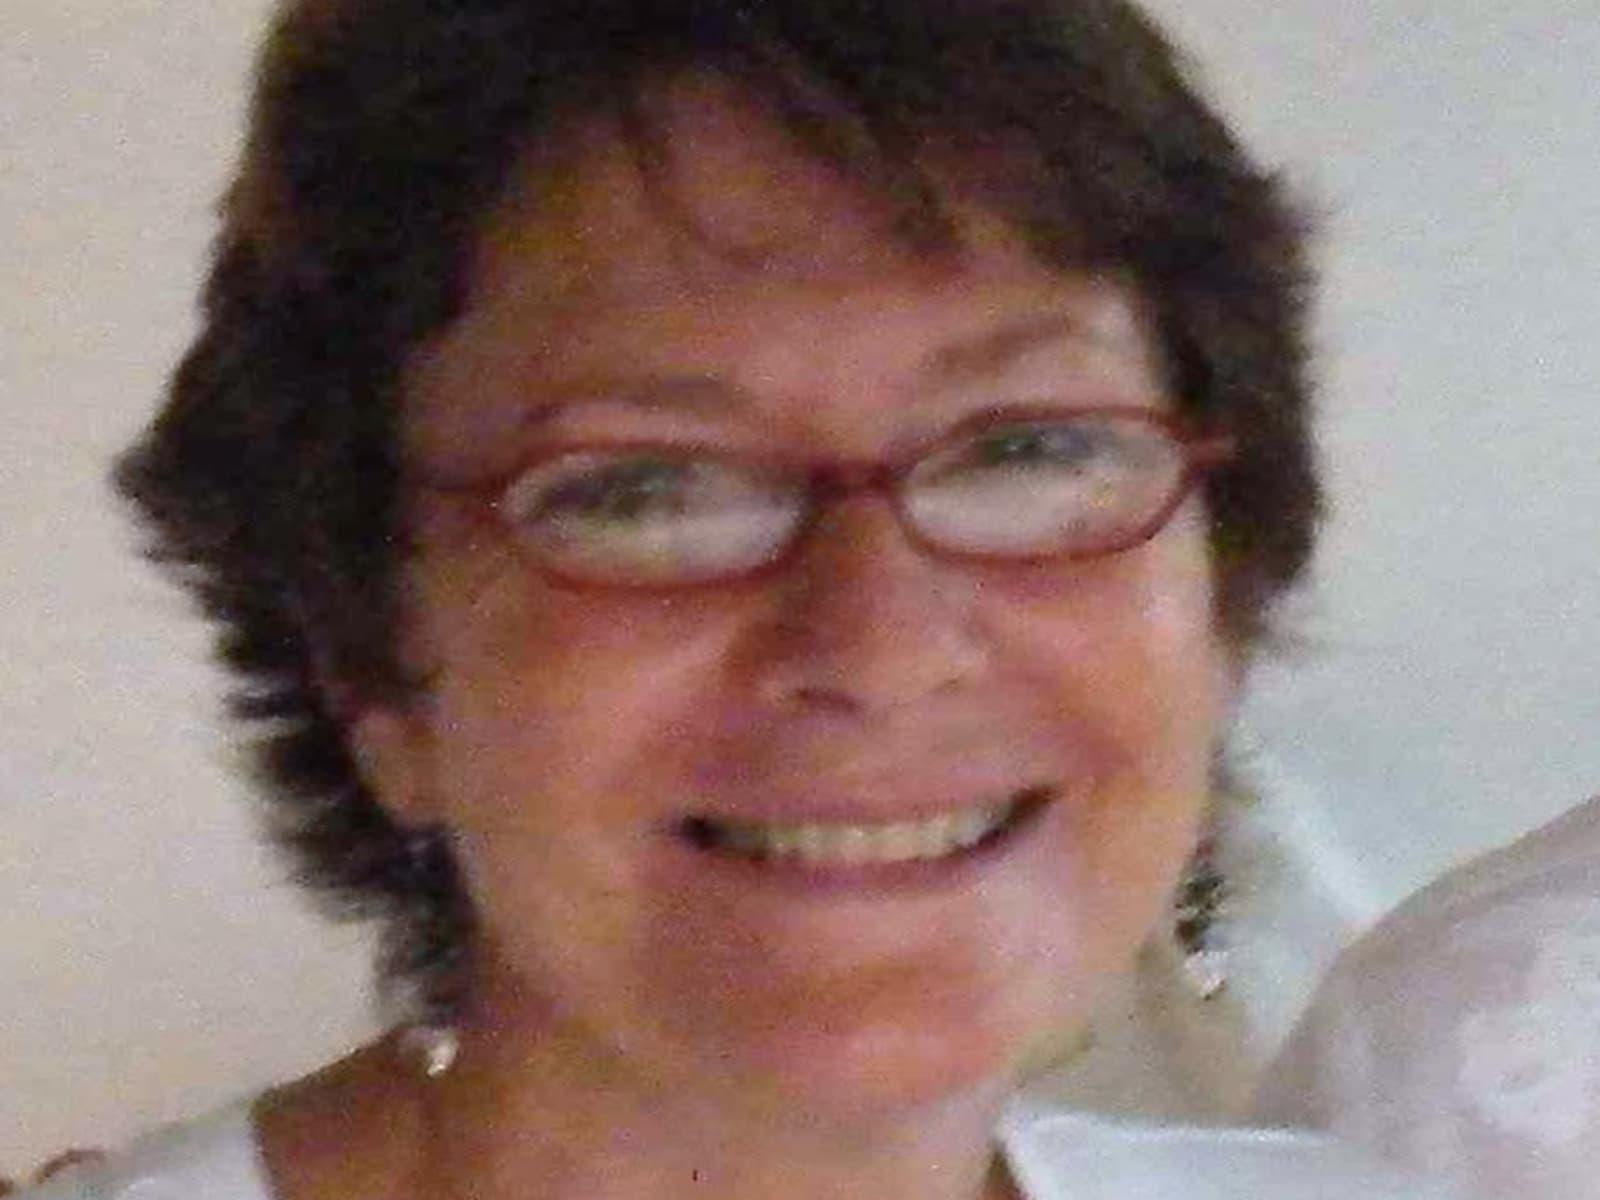 Margaret from Brisbane, Queensland, Australia